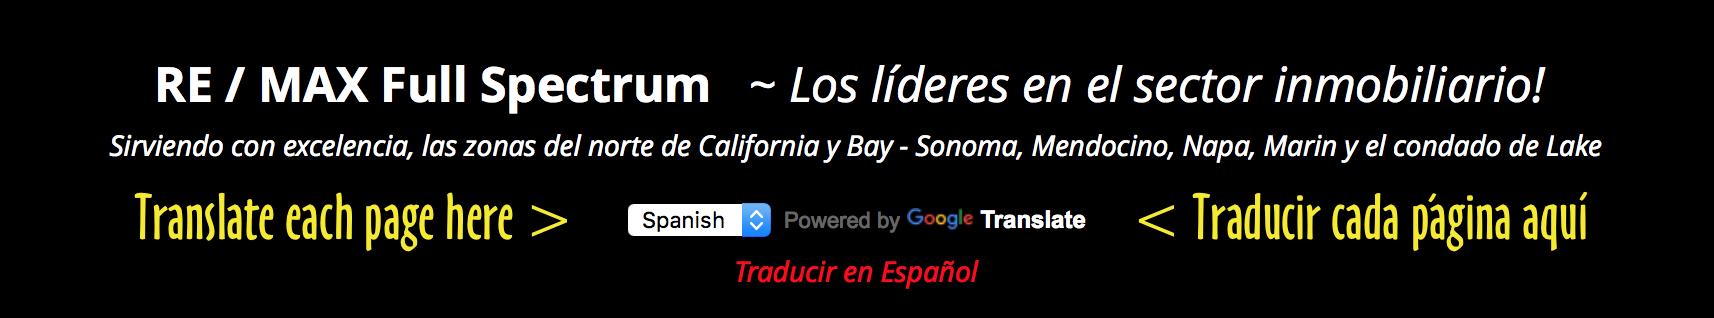 Ejemplo traductor español en Cabecera